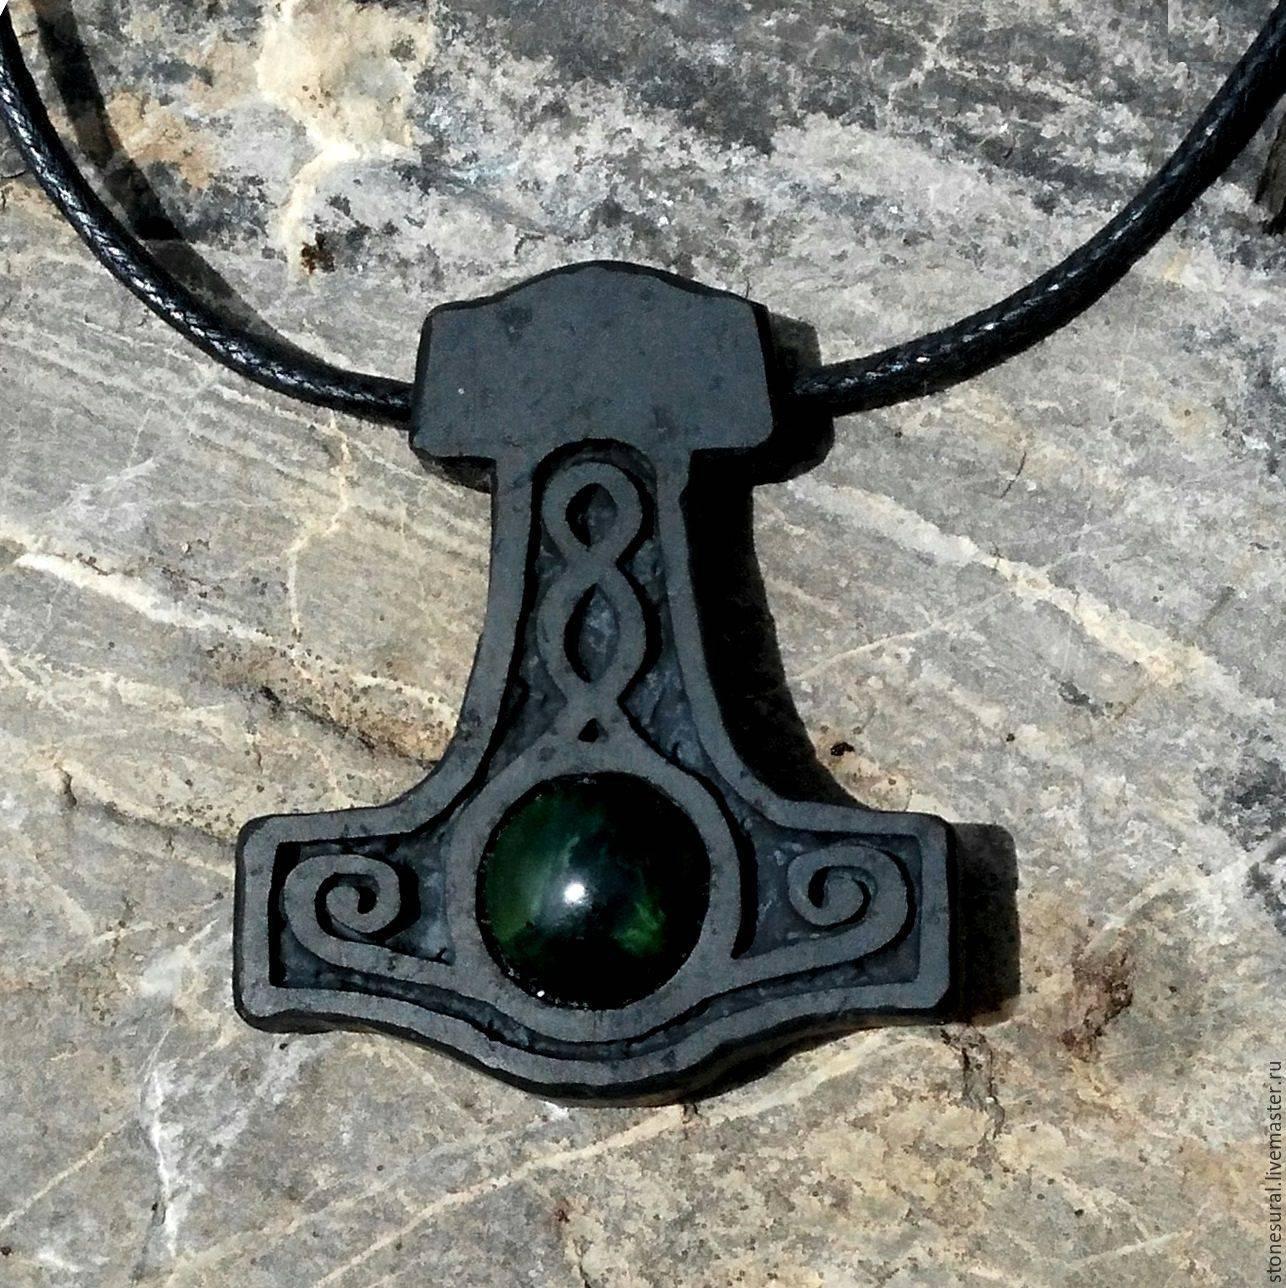 Амулет молот тора: значение оберега, символа для мужчин